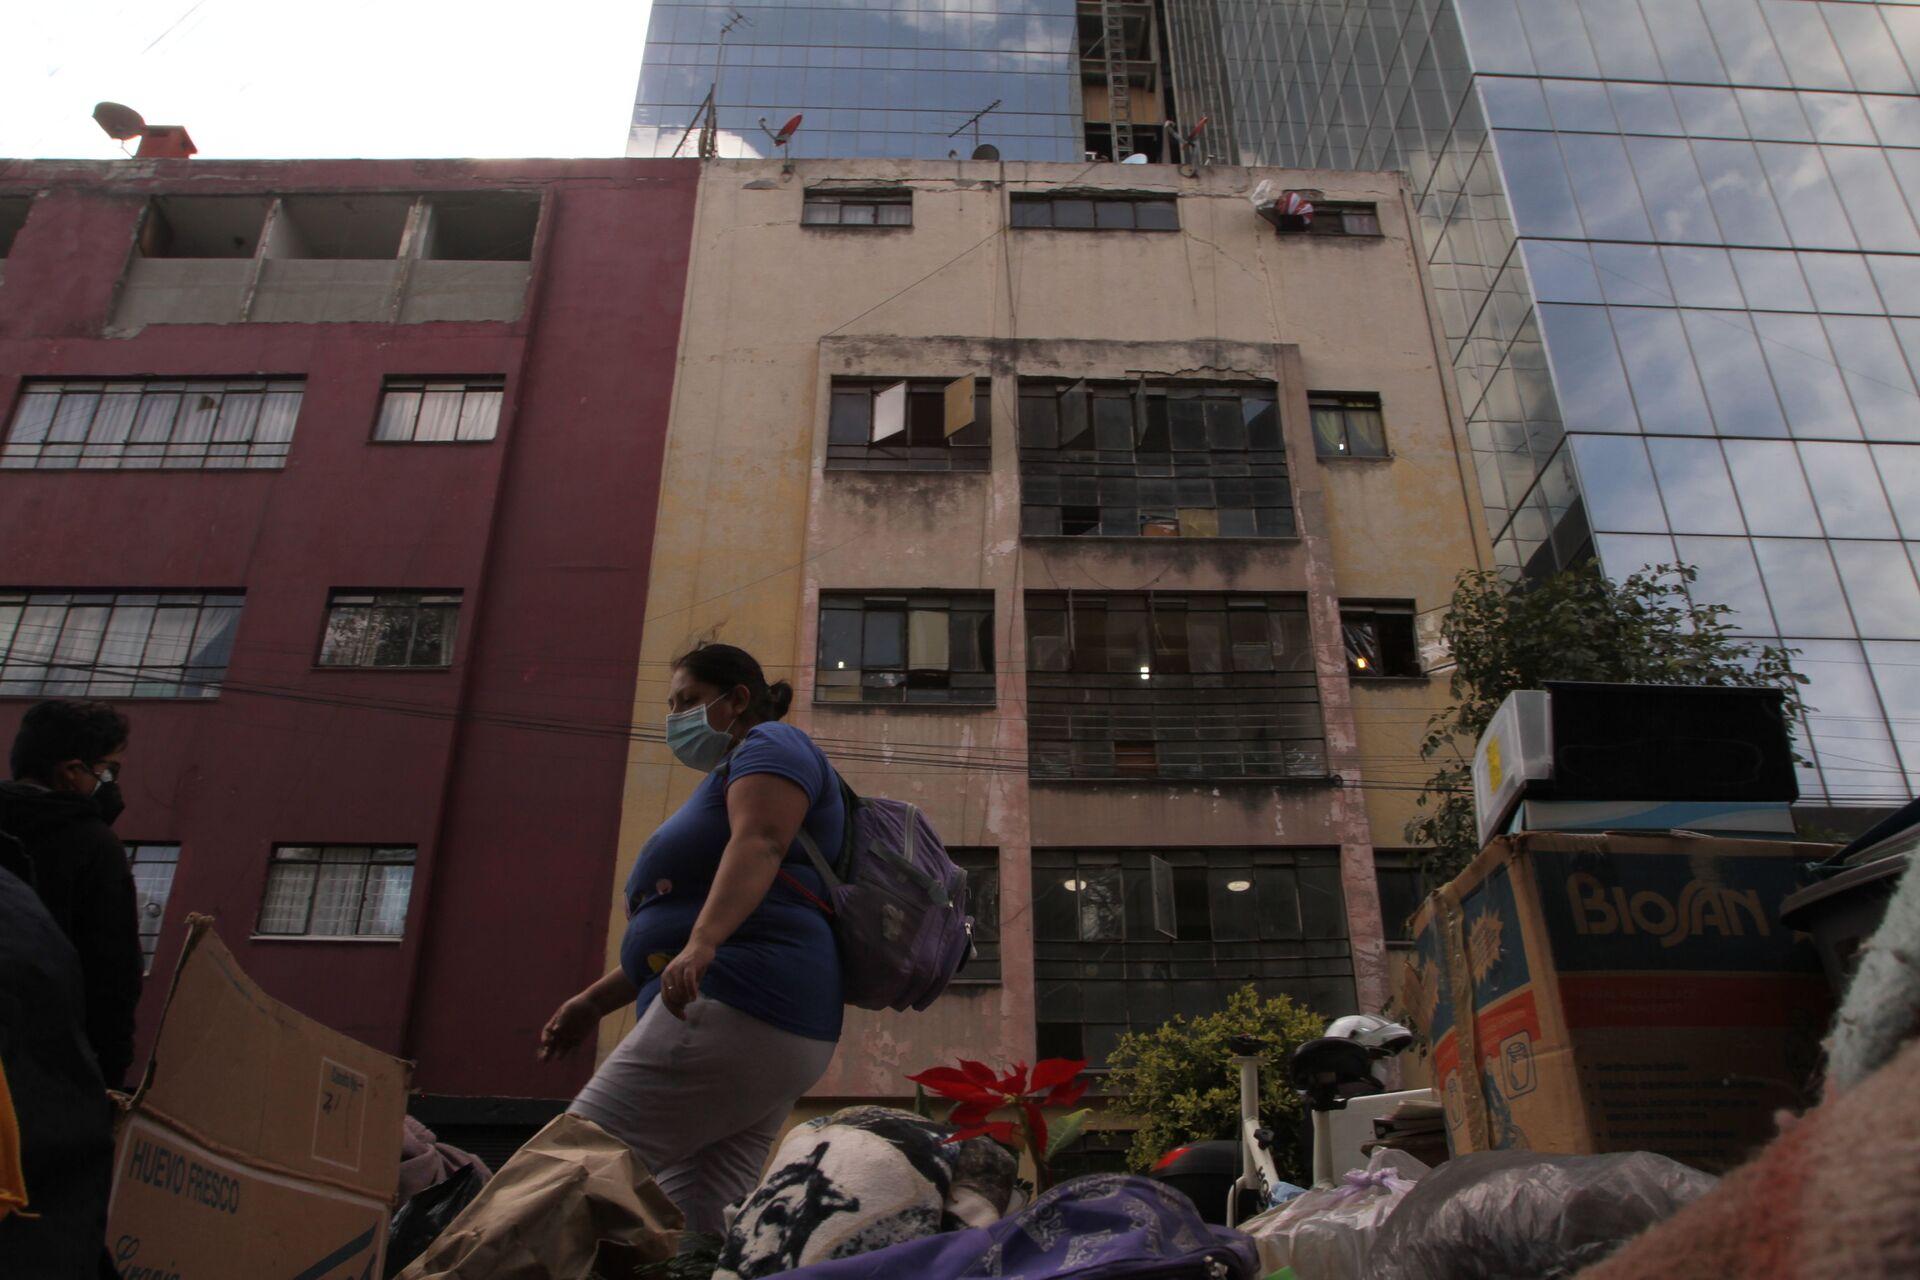 Desalojo de Nápoles 35, en la colonia Benito Juárez de la Ciudad de México, promovido por la empresa norteamericana Black Rock - Sputnik Mundo, 1920, 16.02.2021